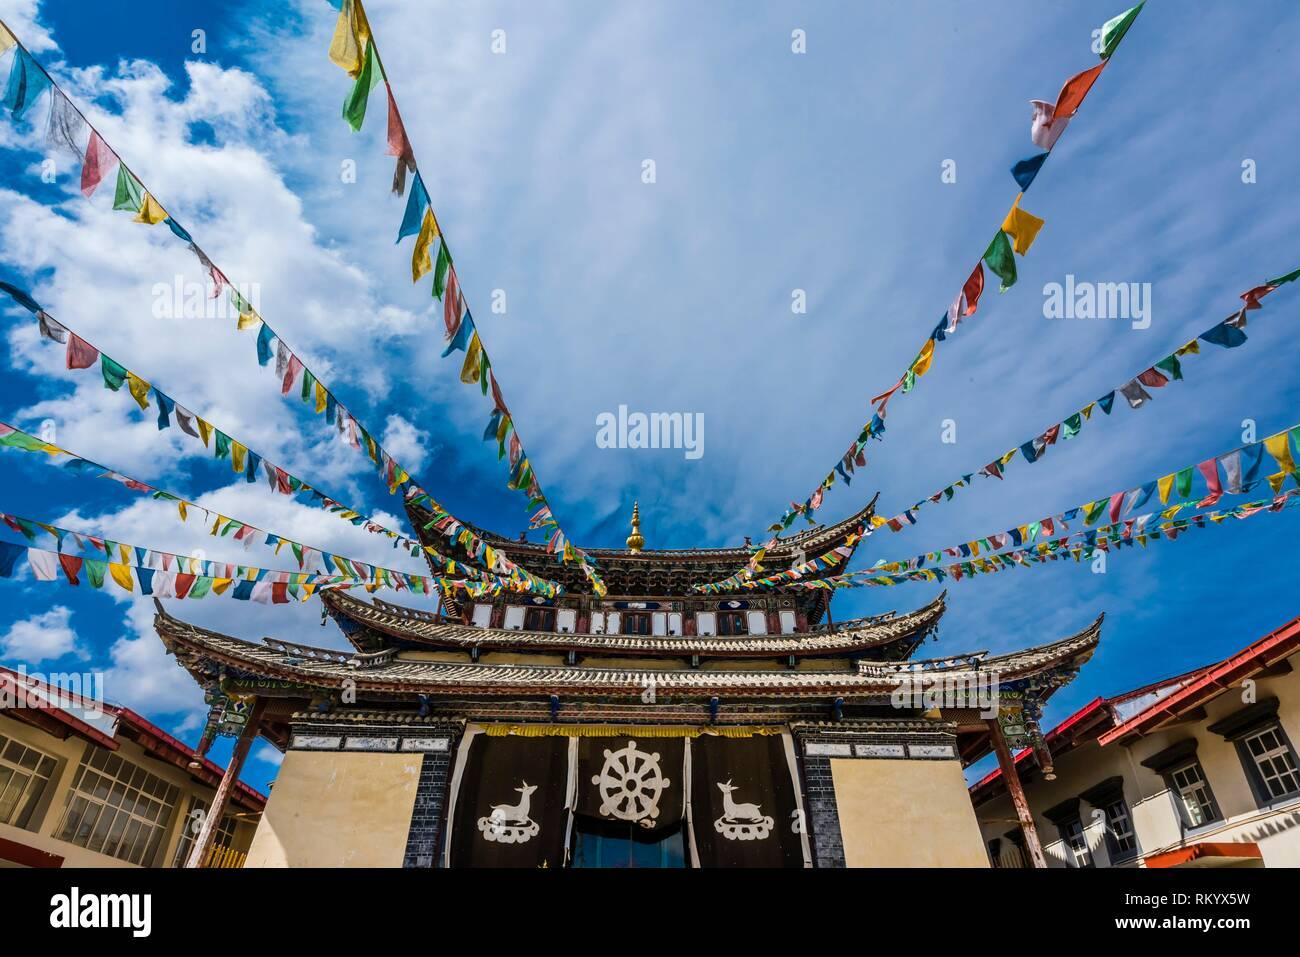 Tempio buddista, Old Town (Dukezong), Shangri La, (Zhongdian), nella provincia dello Yunnan in Cina. Immagini Stock